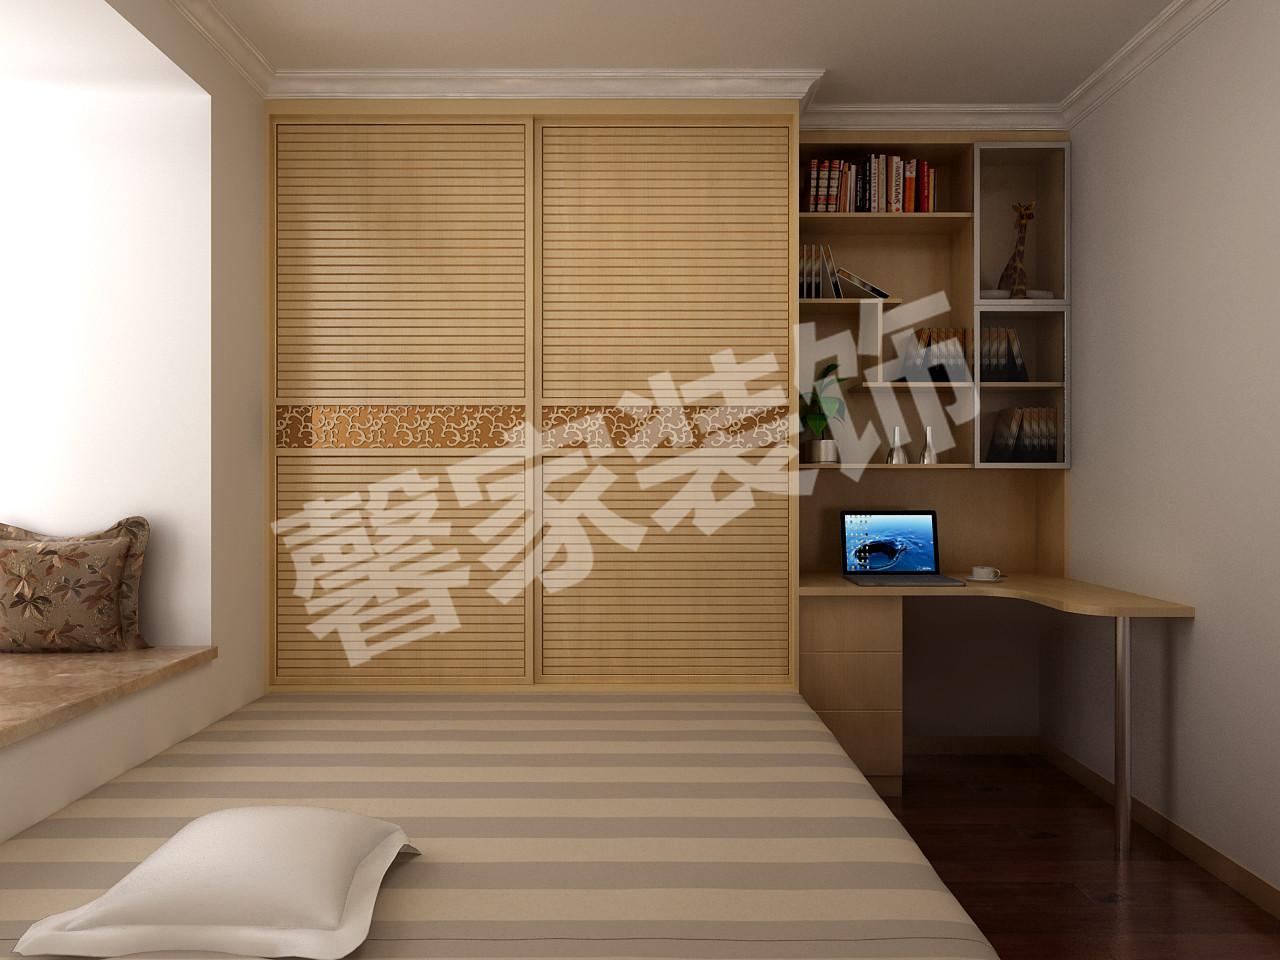 效果图:锦绣天地92平米小三室